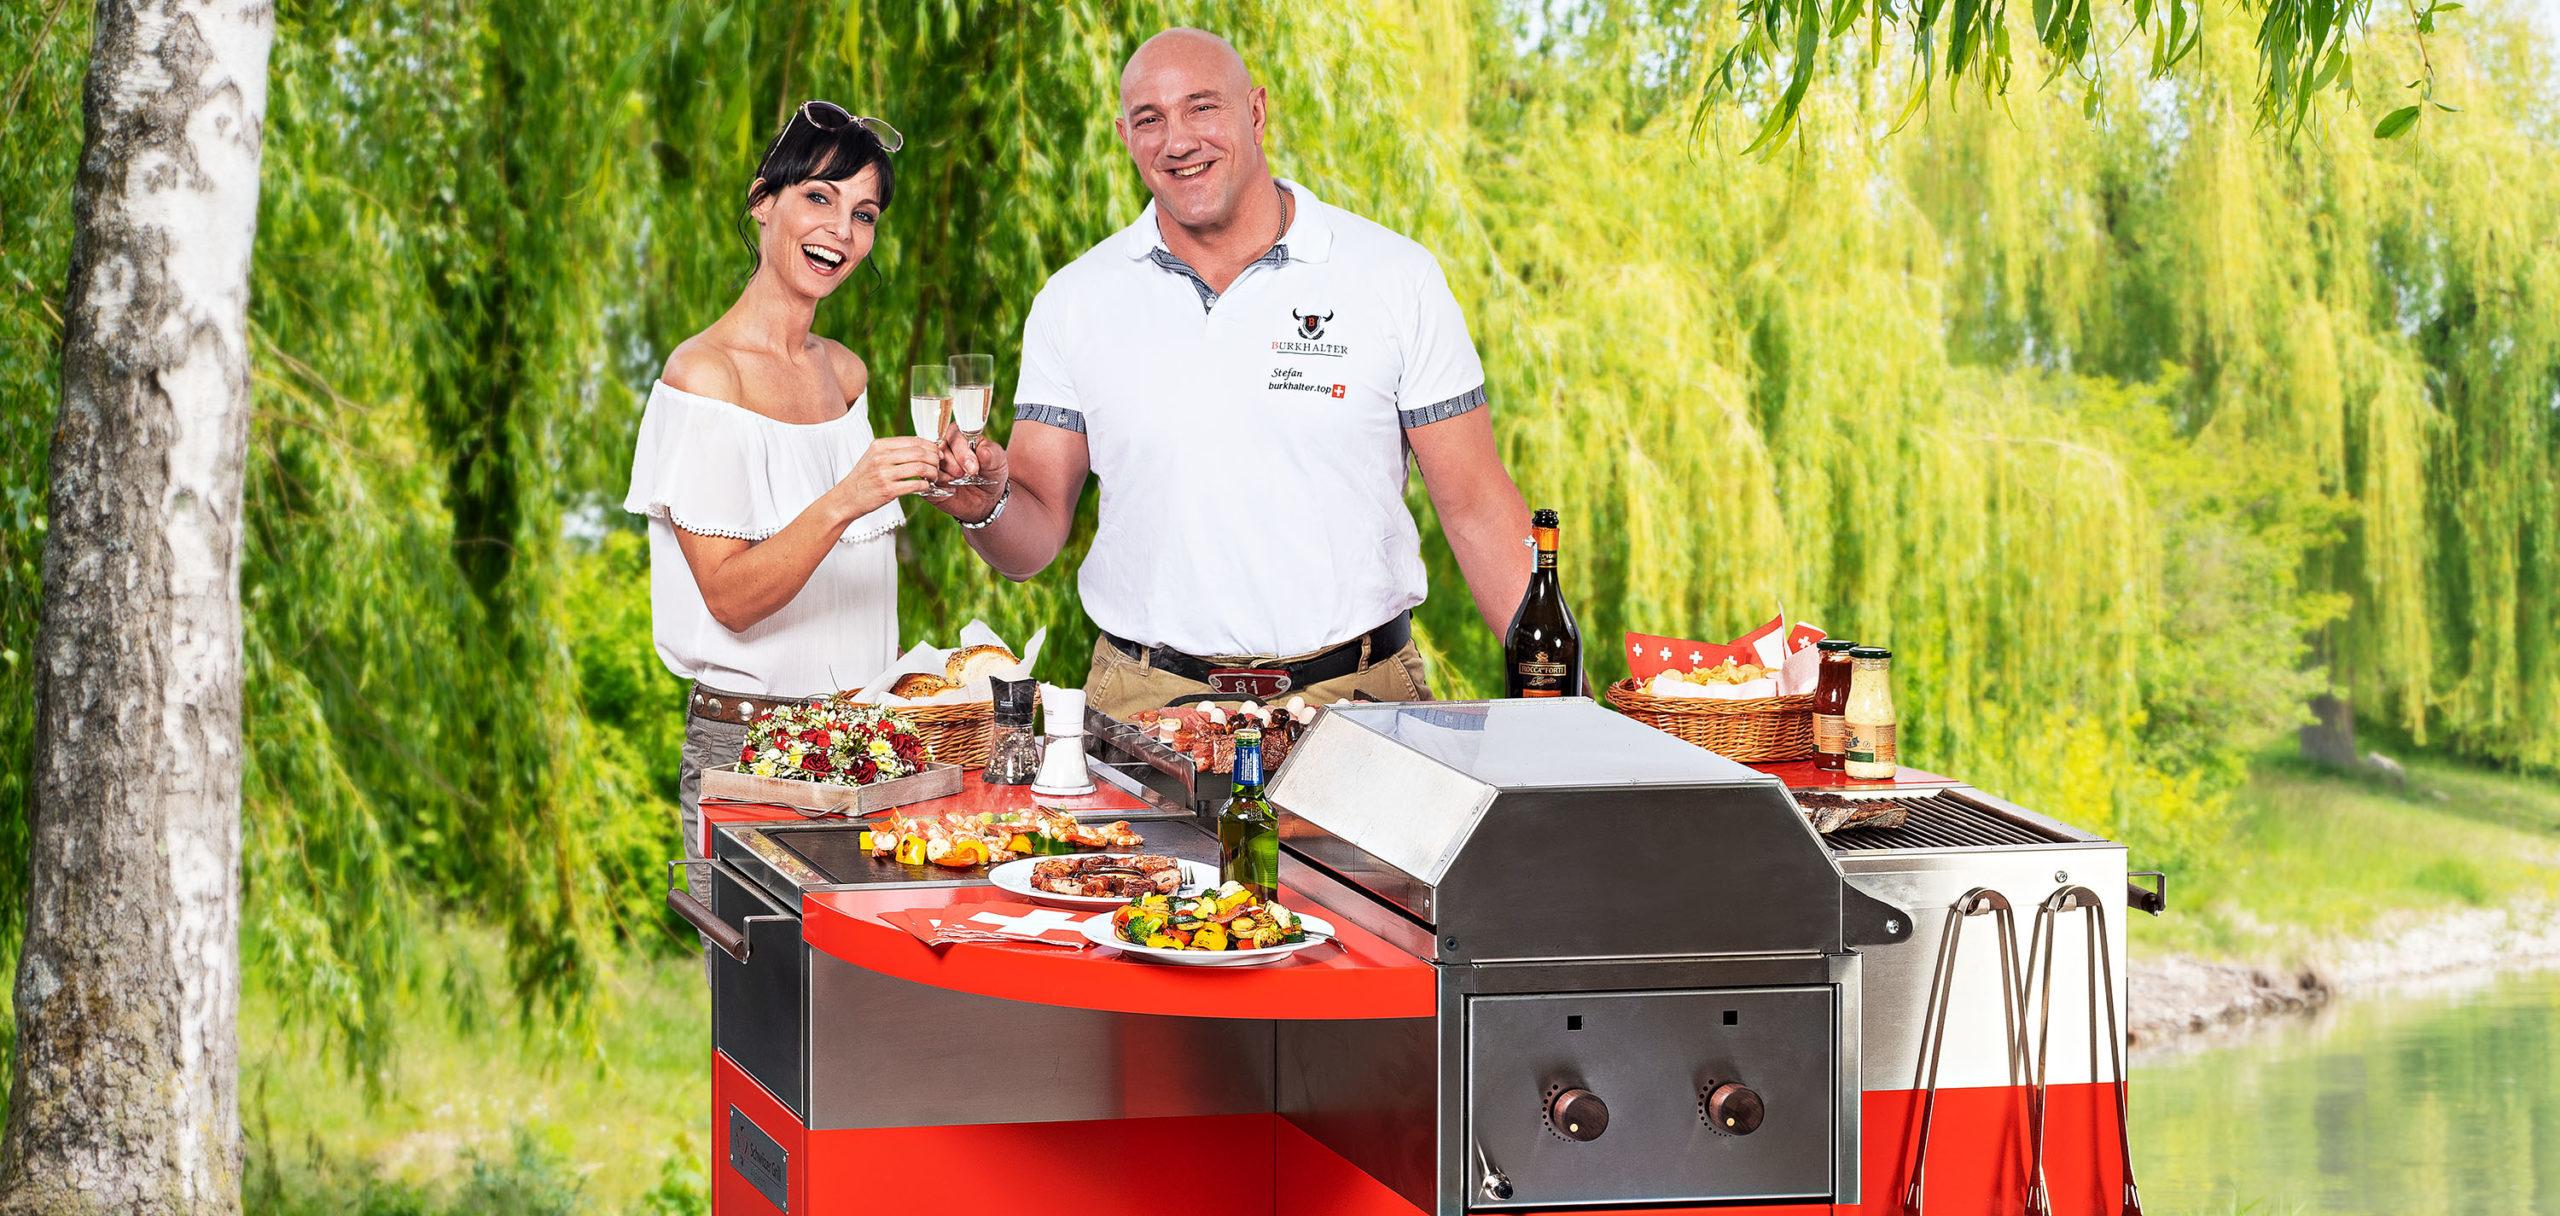 Schwiizer Grill 4 seasons